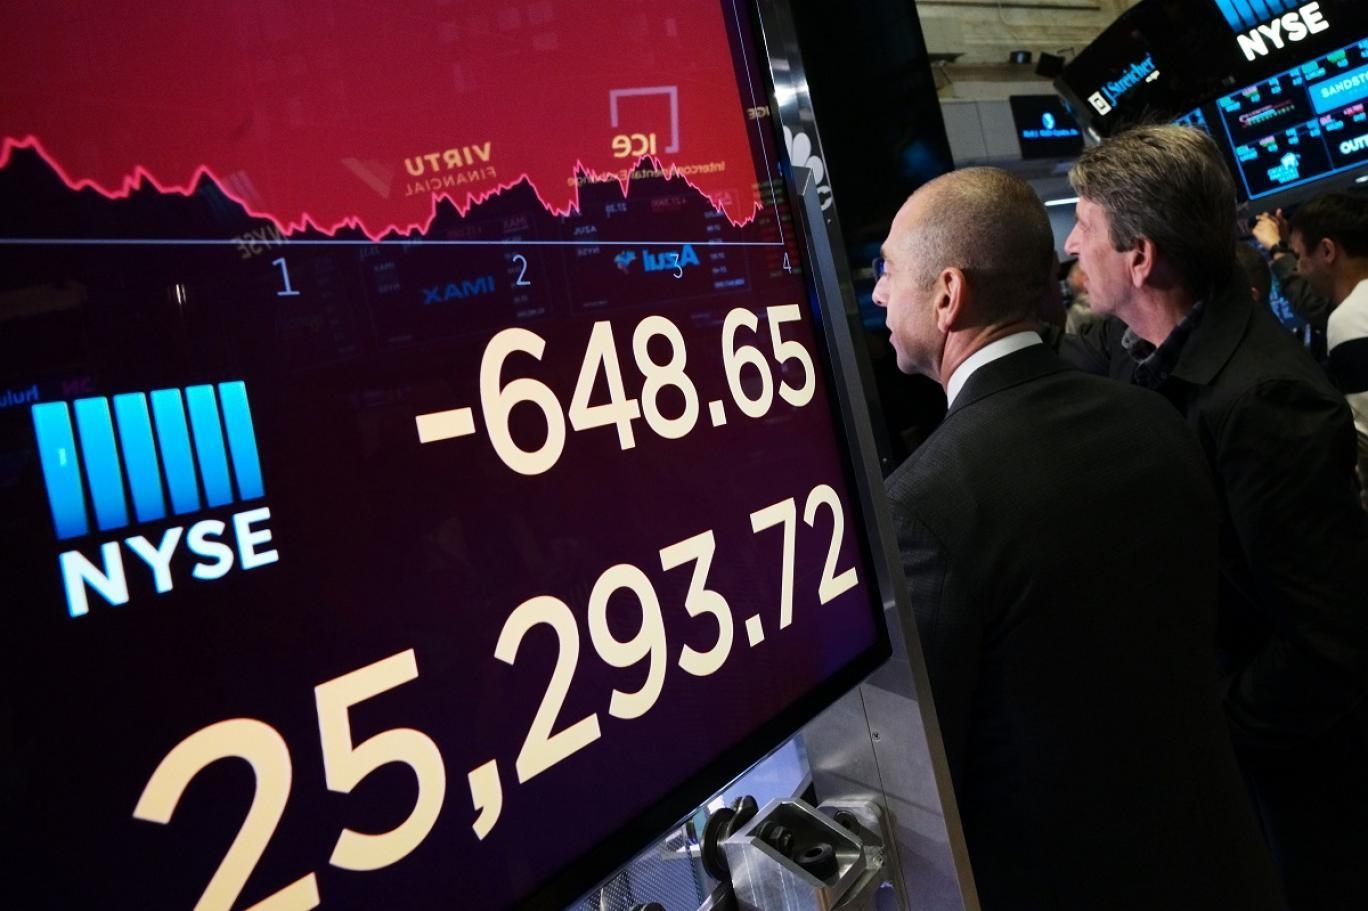 البورصة الأميركية تحت قصف الخسائر على وقع الحرب التجارية بين واشنطن وبكين